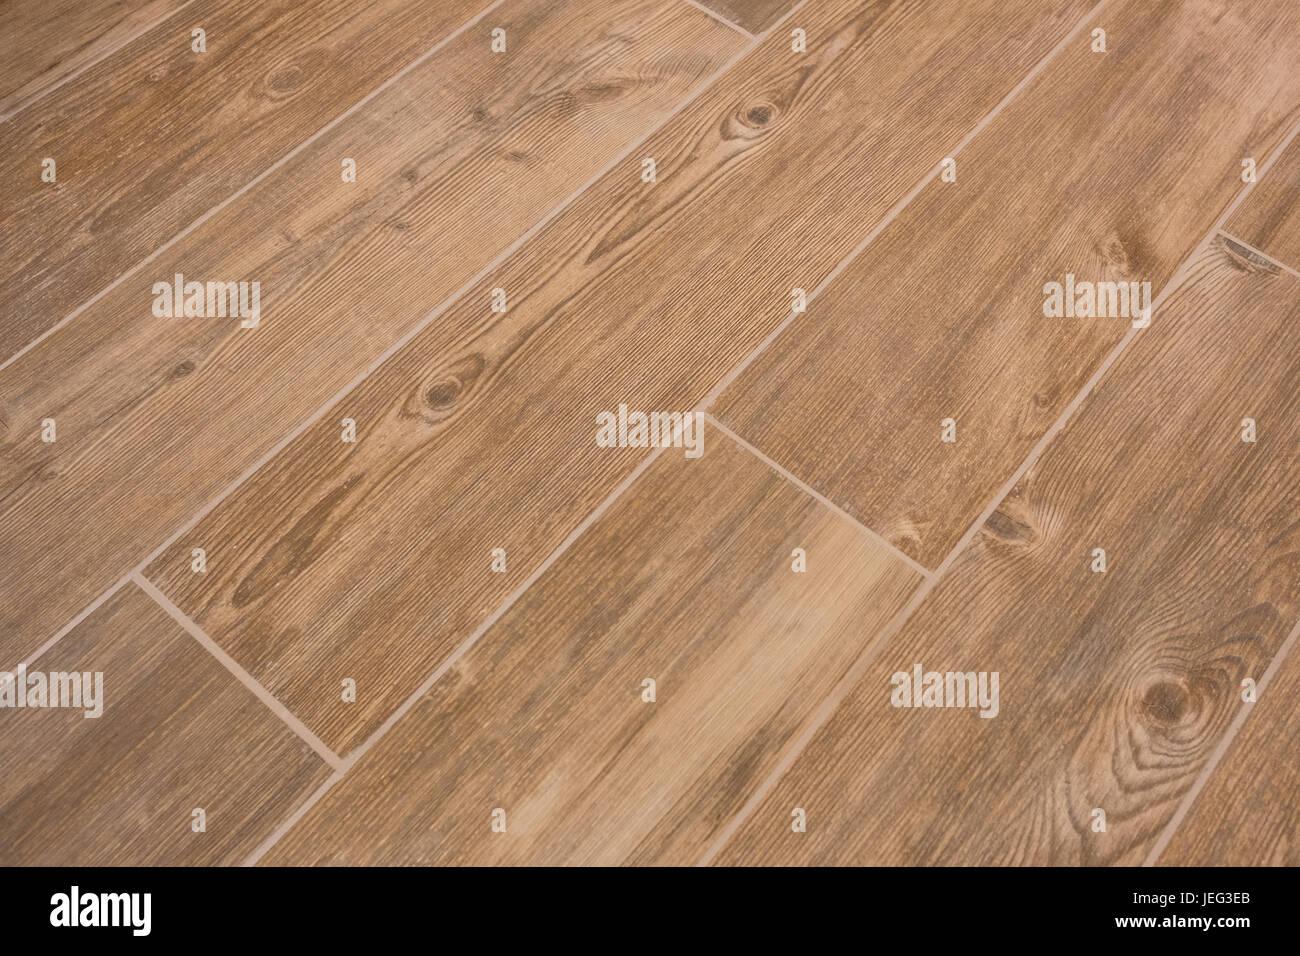 Fliesen Mit Holz Textur Fliesenboden Holzdesign Stockfoto Bild